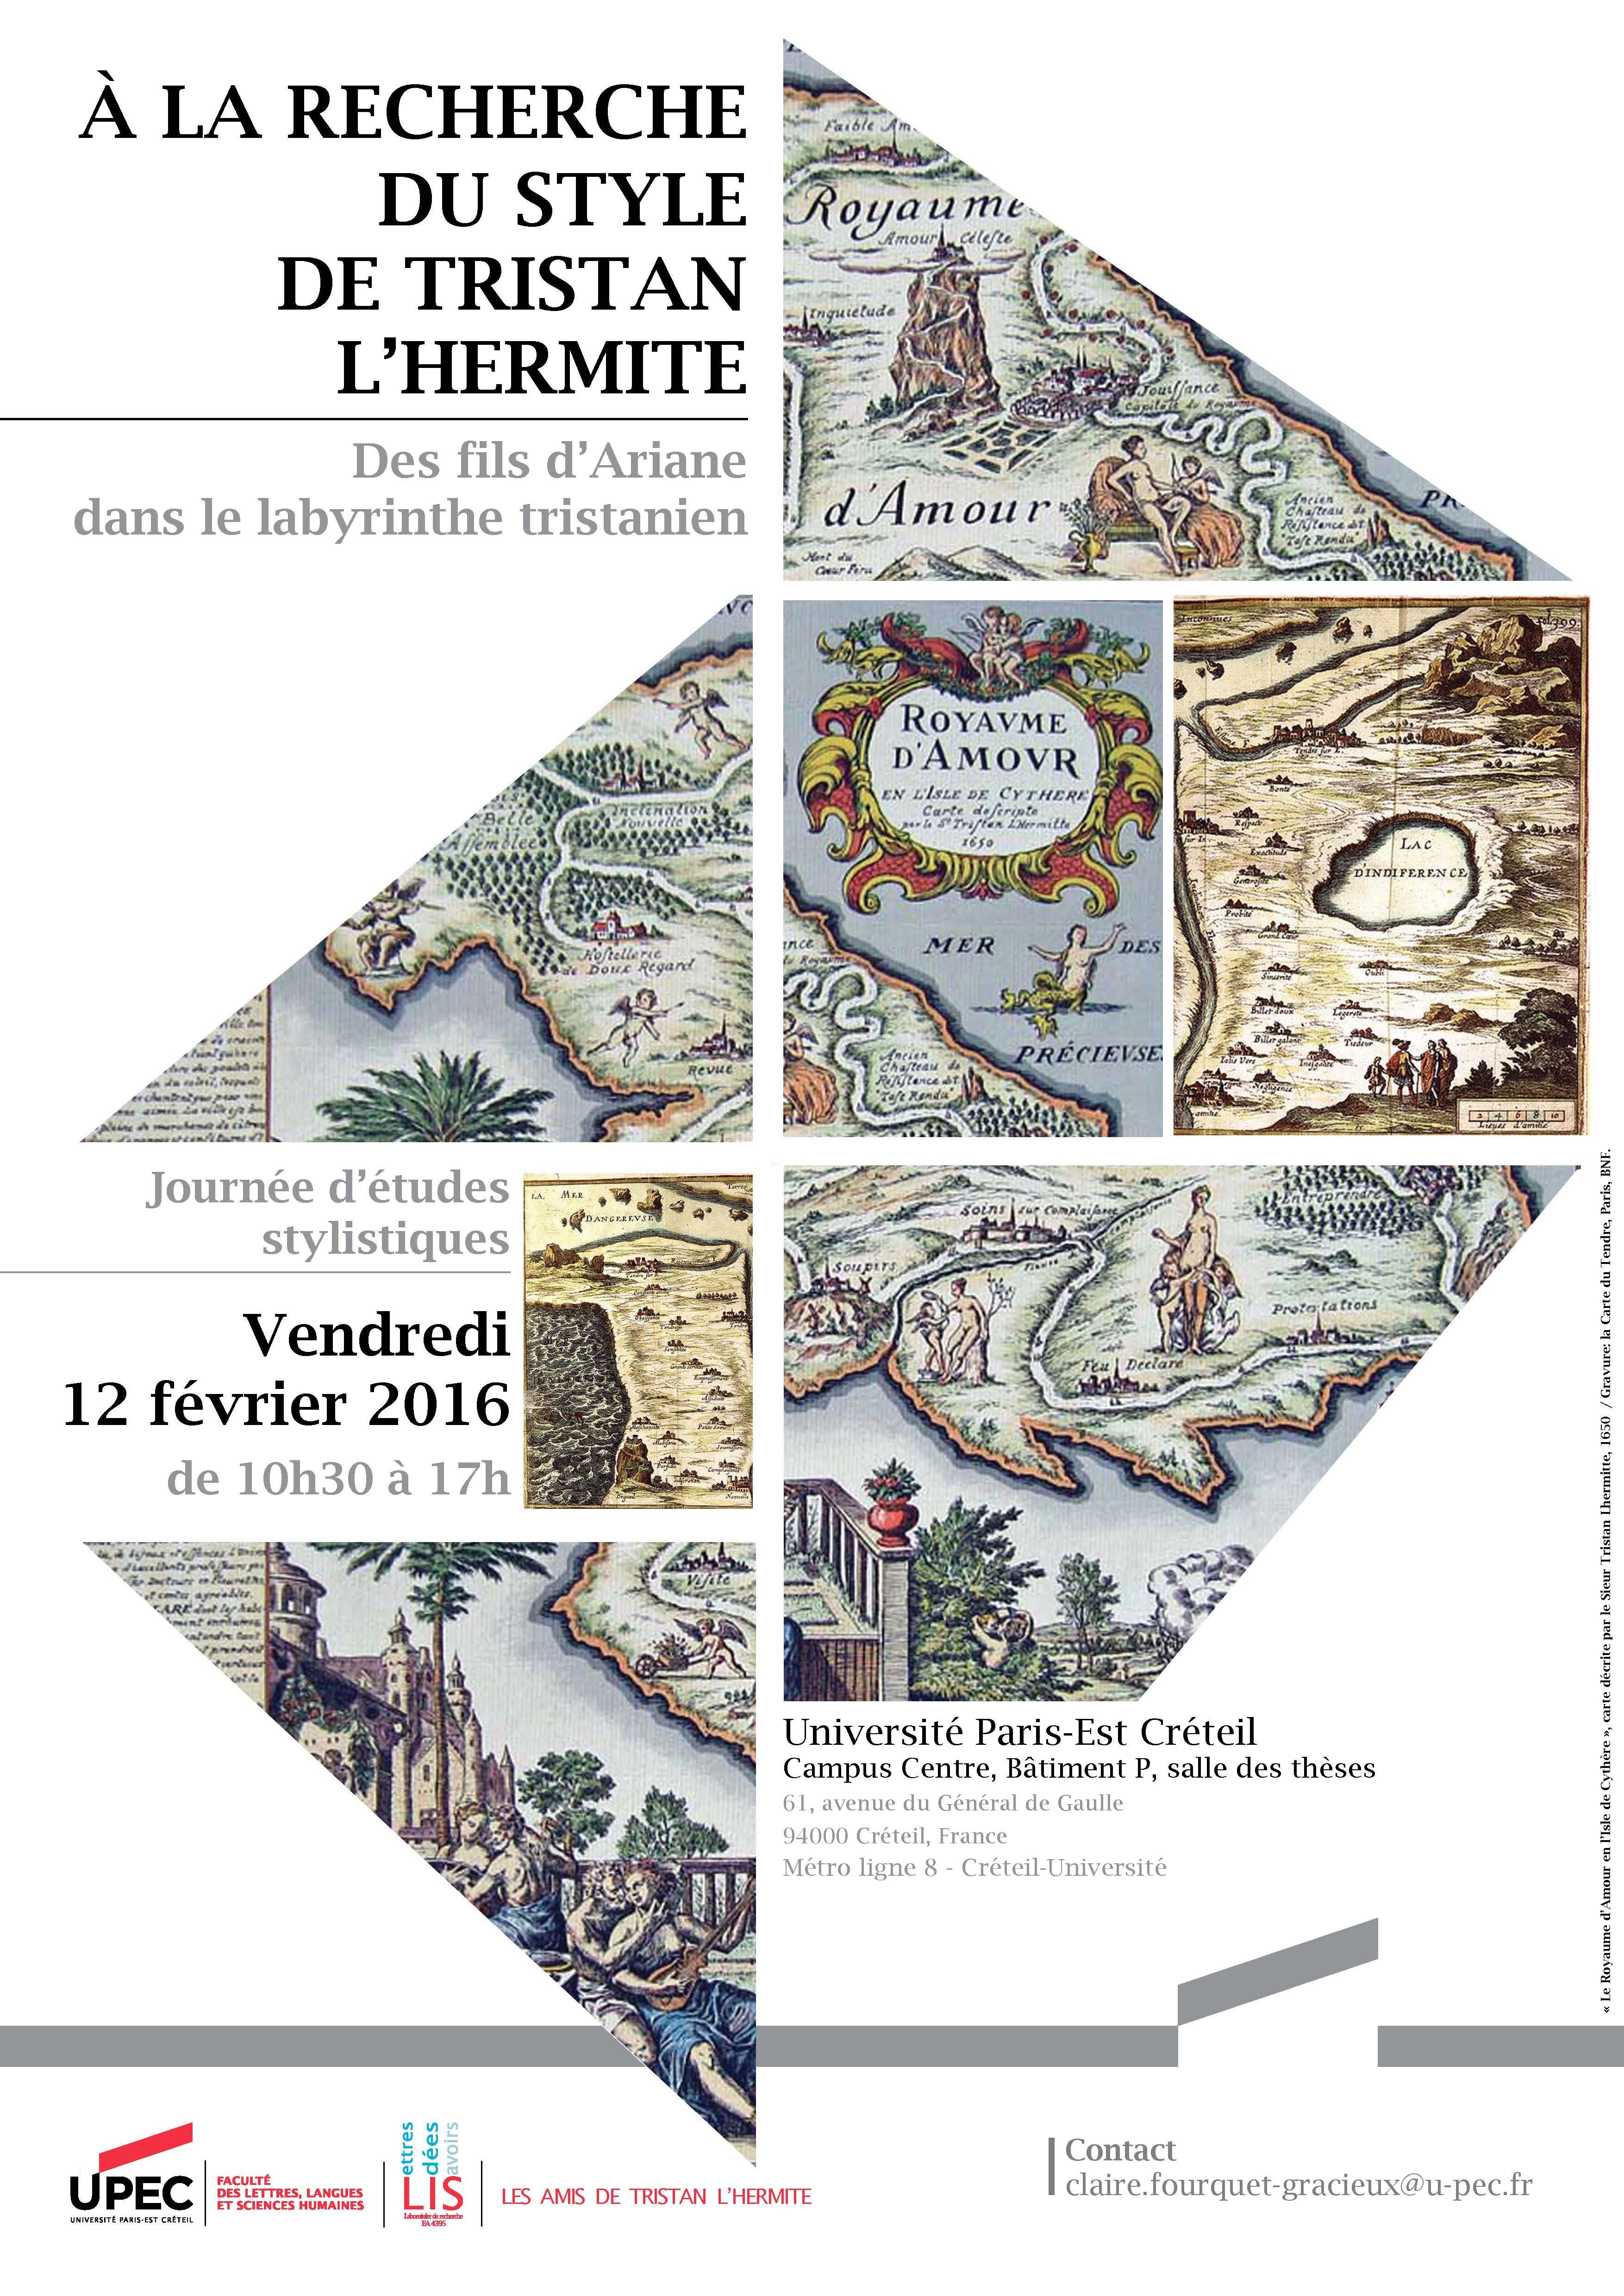 À la recherche du style de Tristan L'Hermite : des fils d'Ariane dans le labyrinthe tristanien (Créteil)